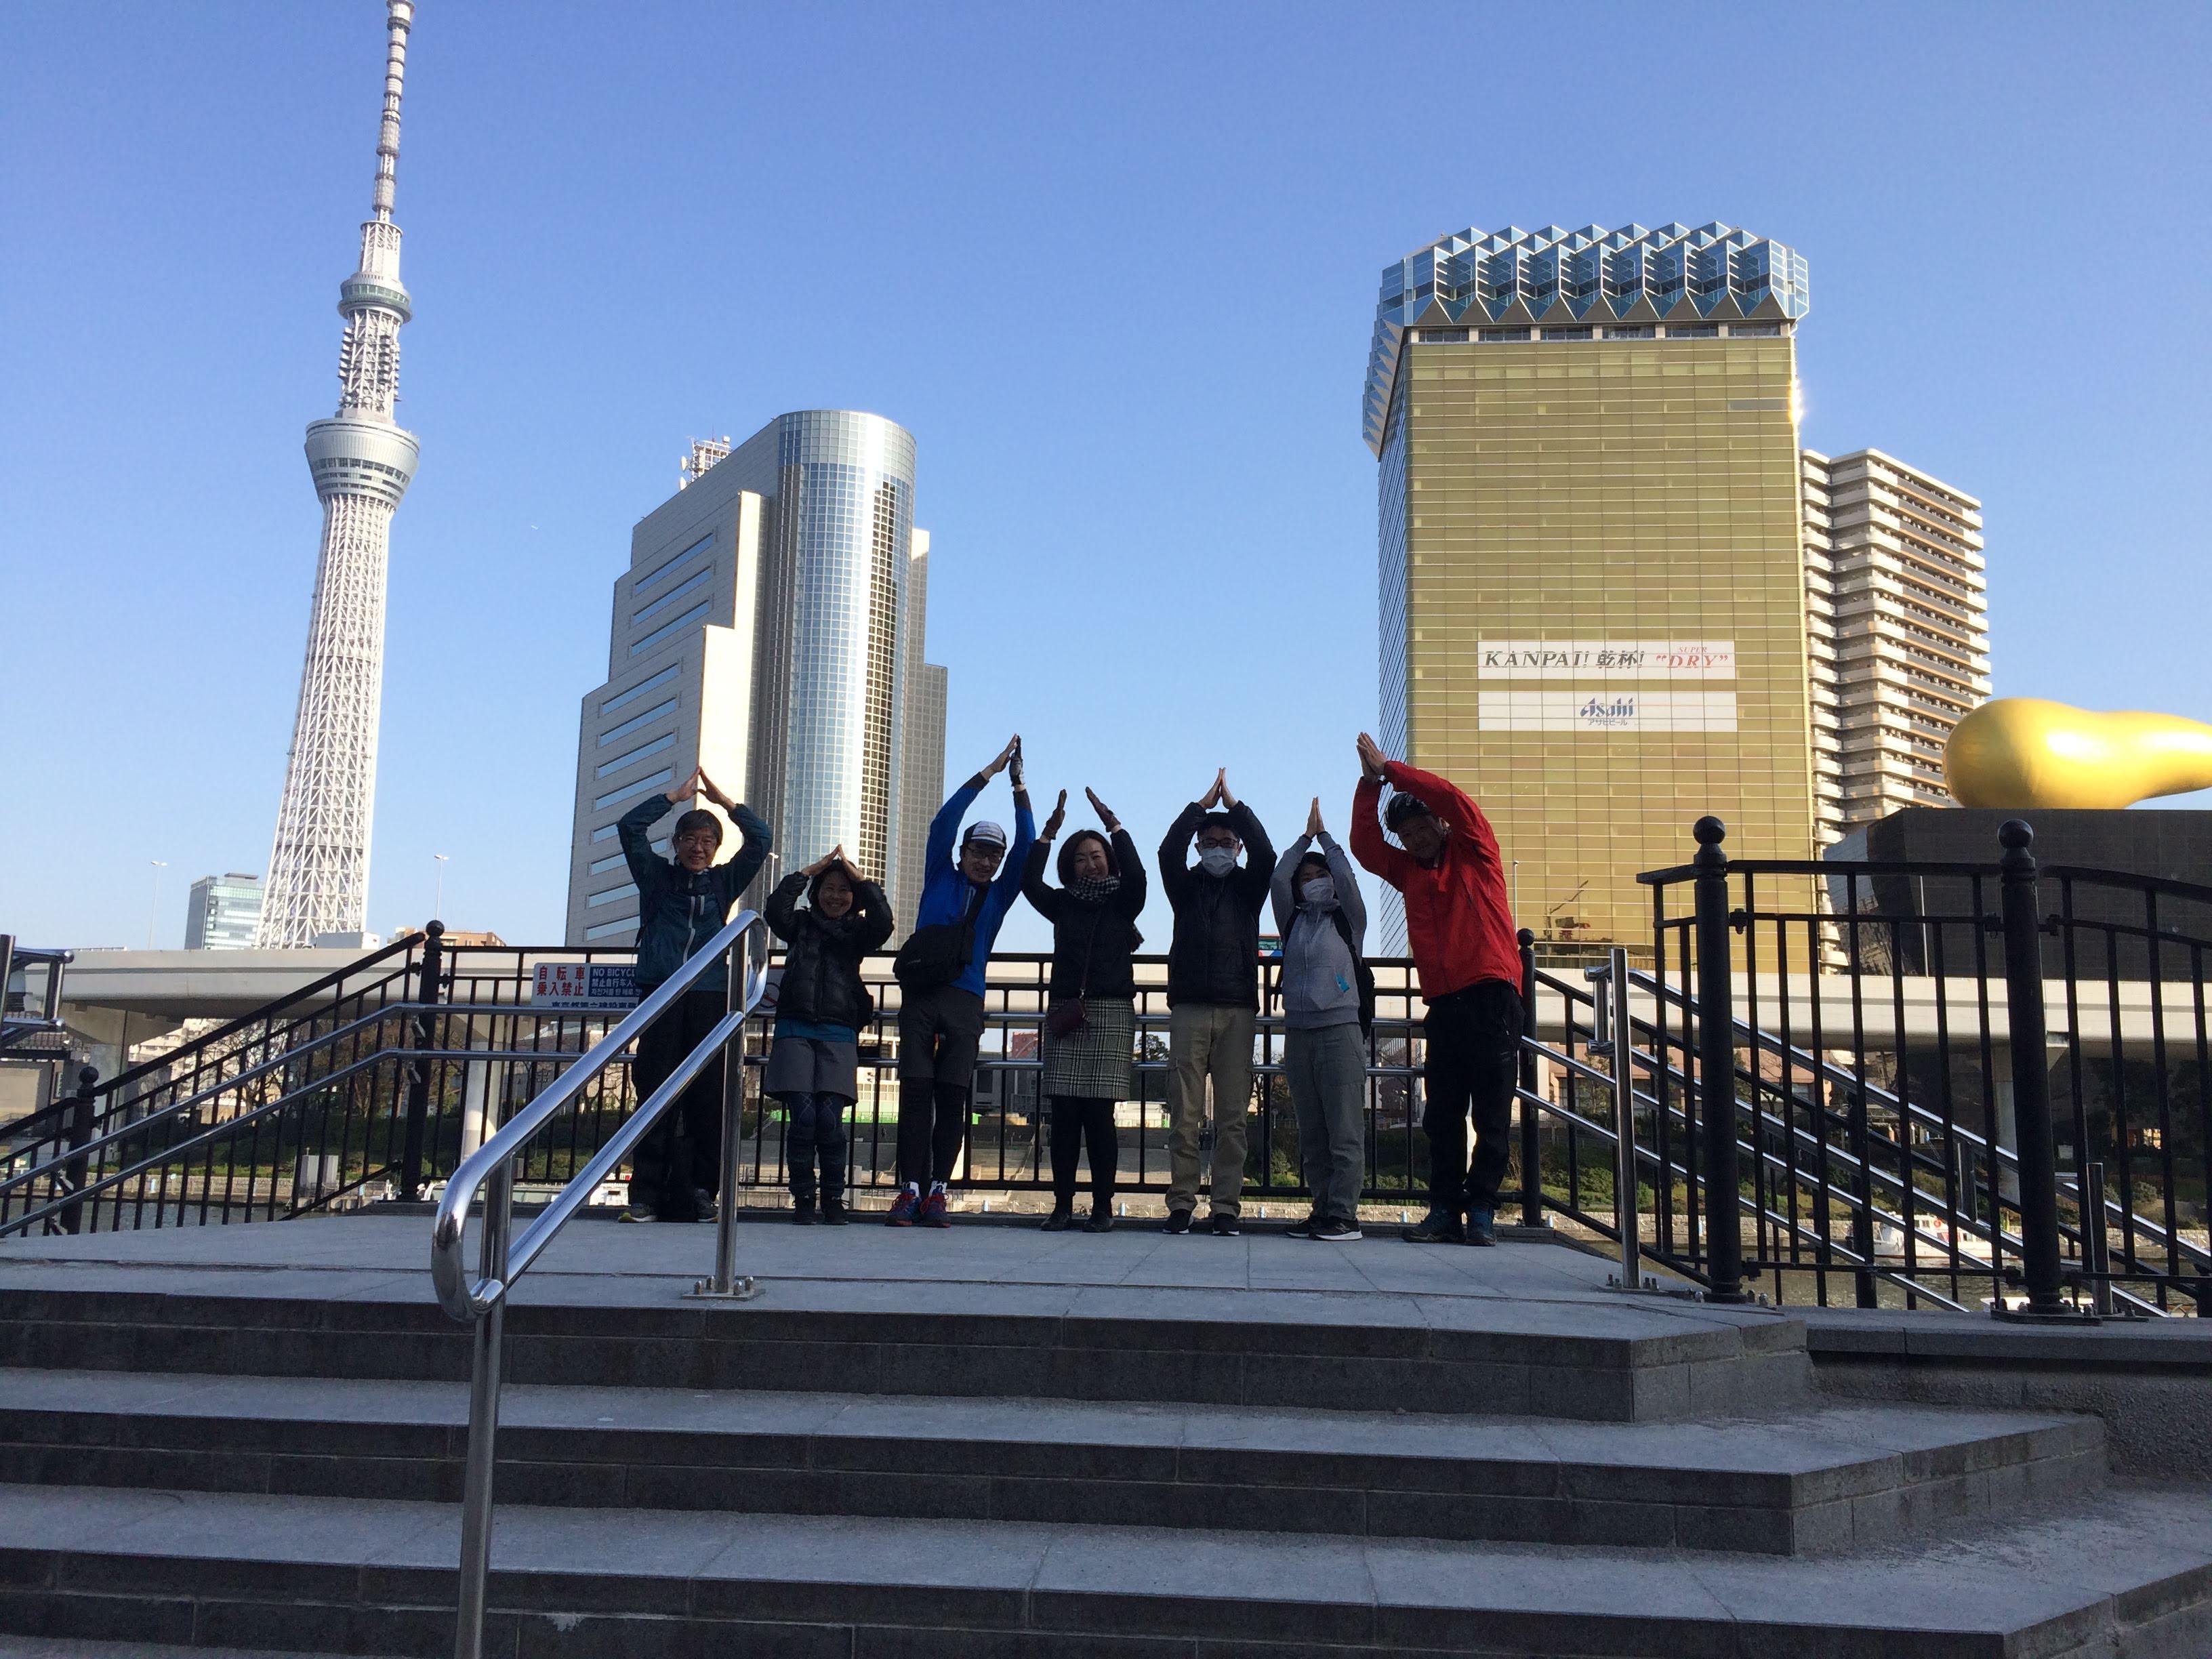 日本人英語ガイドによる  英語体験東京サイクリングツアー